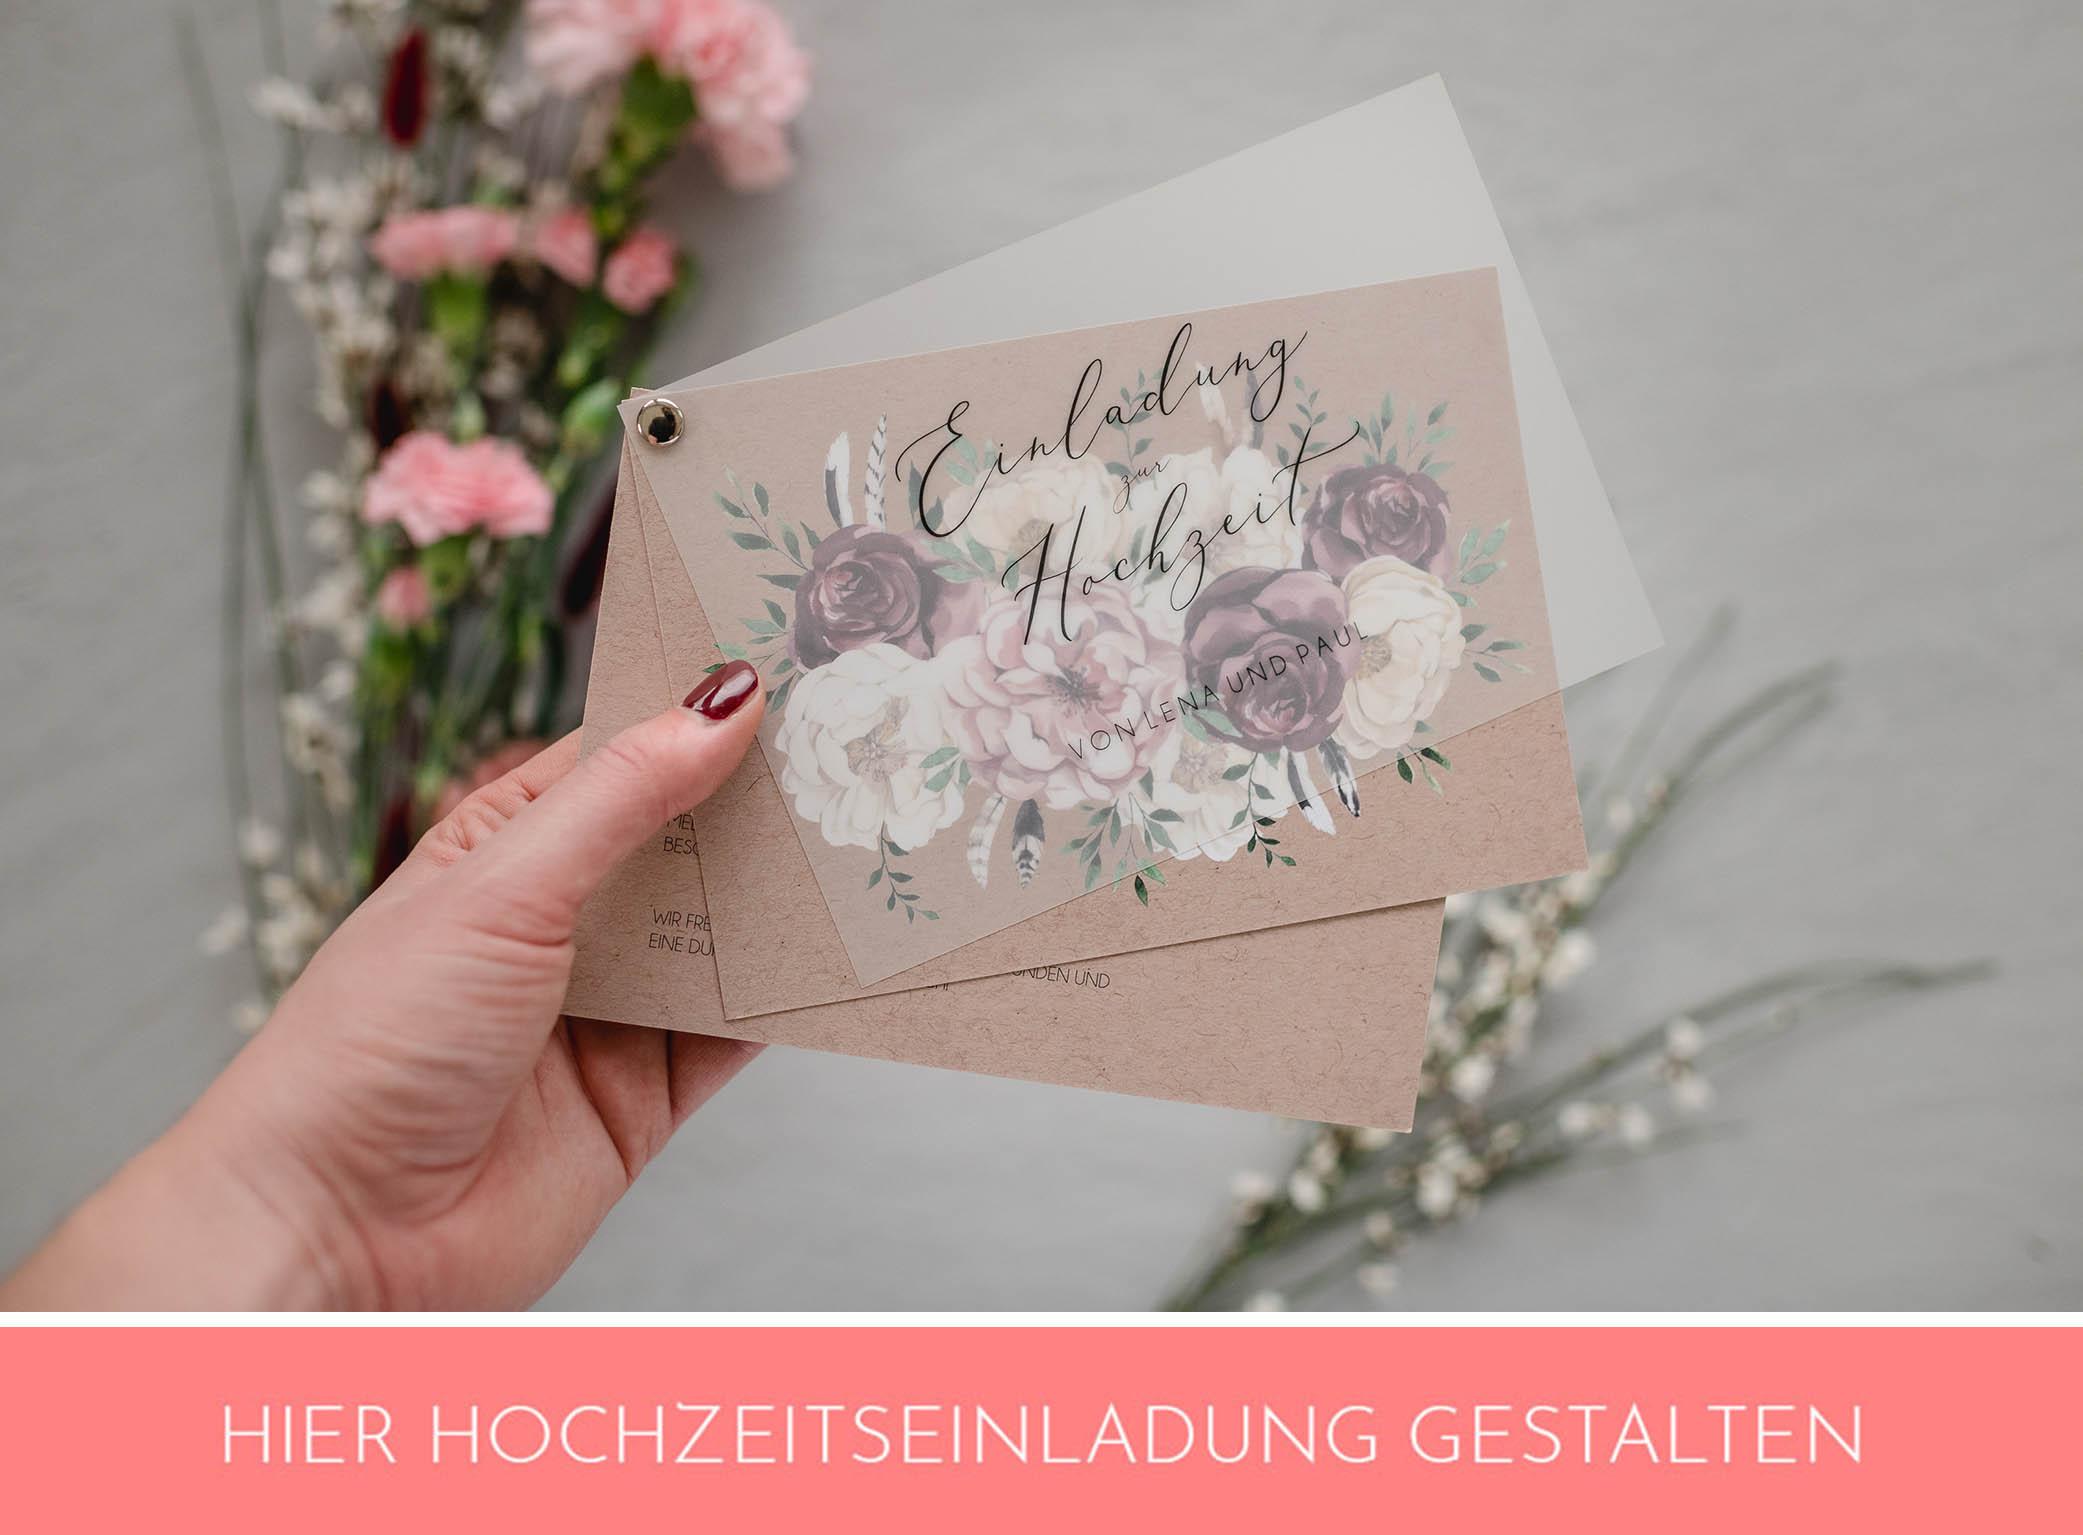 Hochzeitseinladung mit Blumen und Transparentpapier